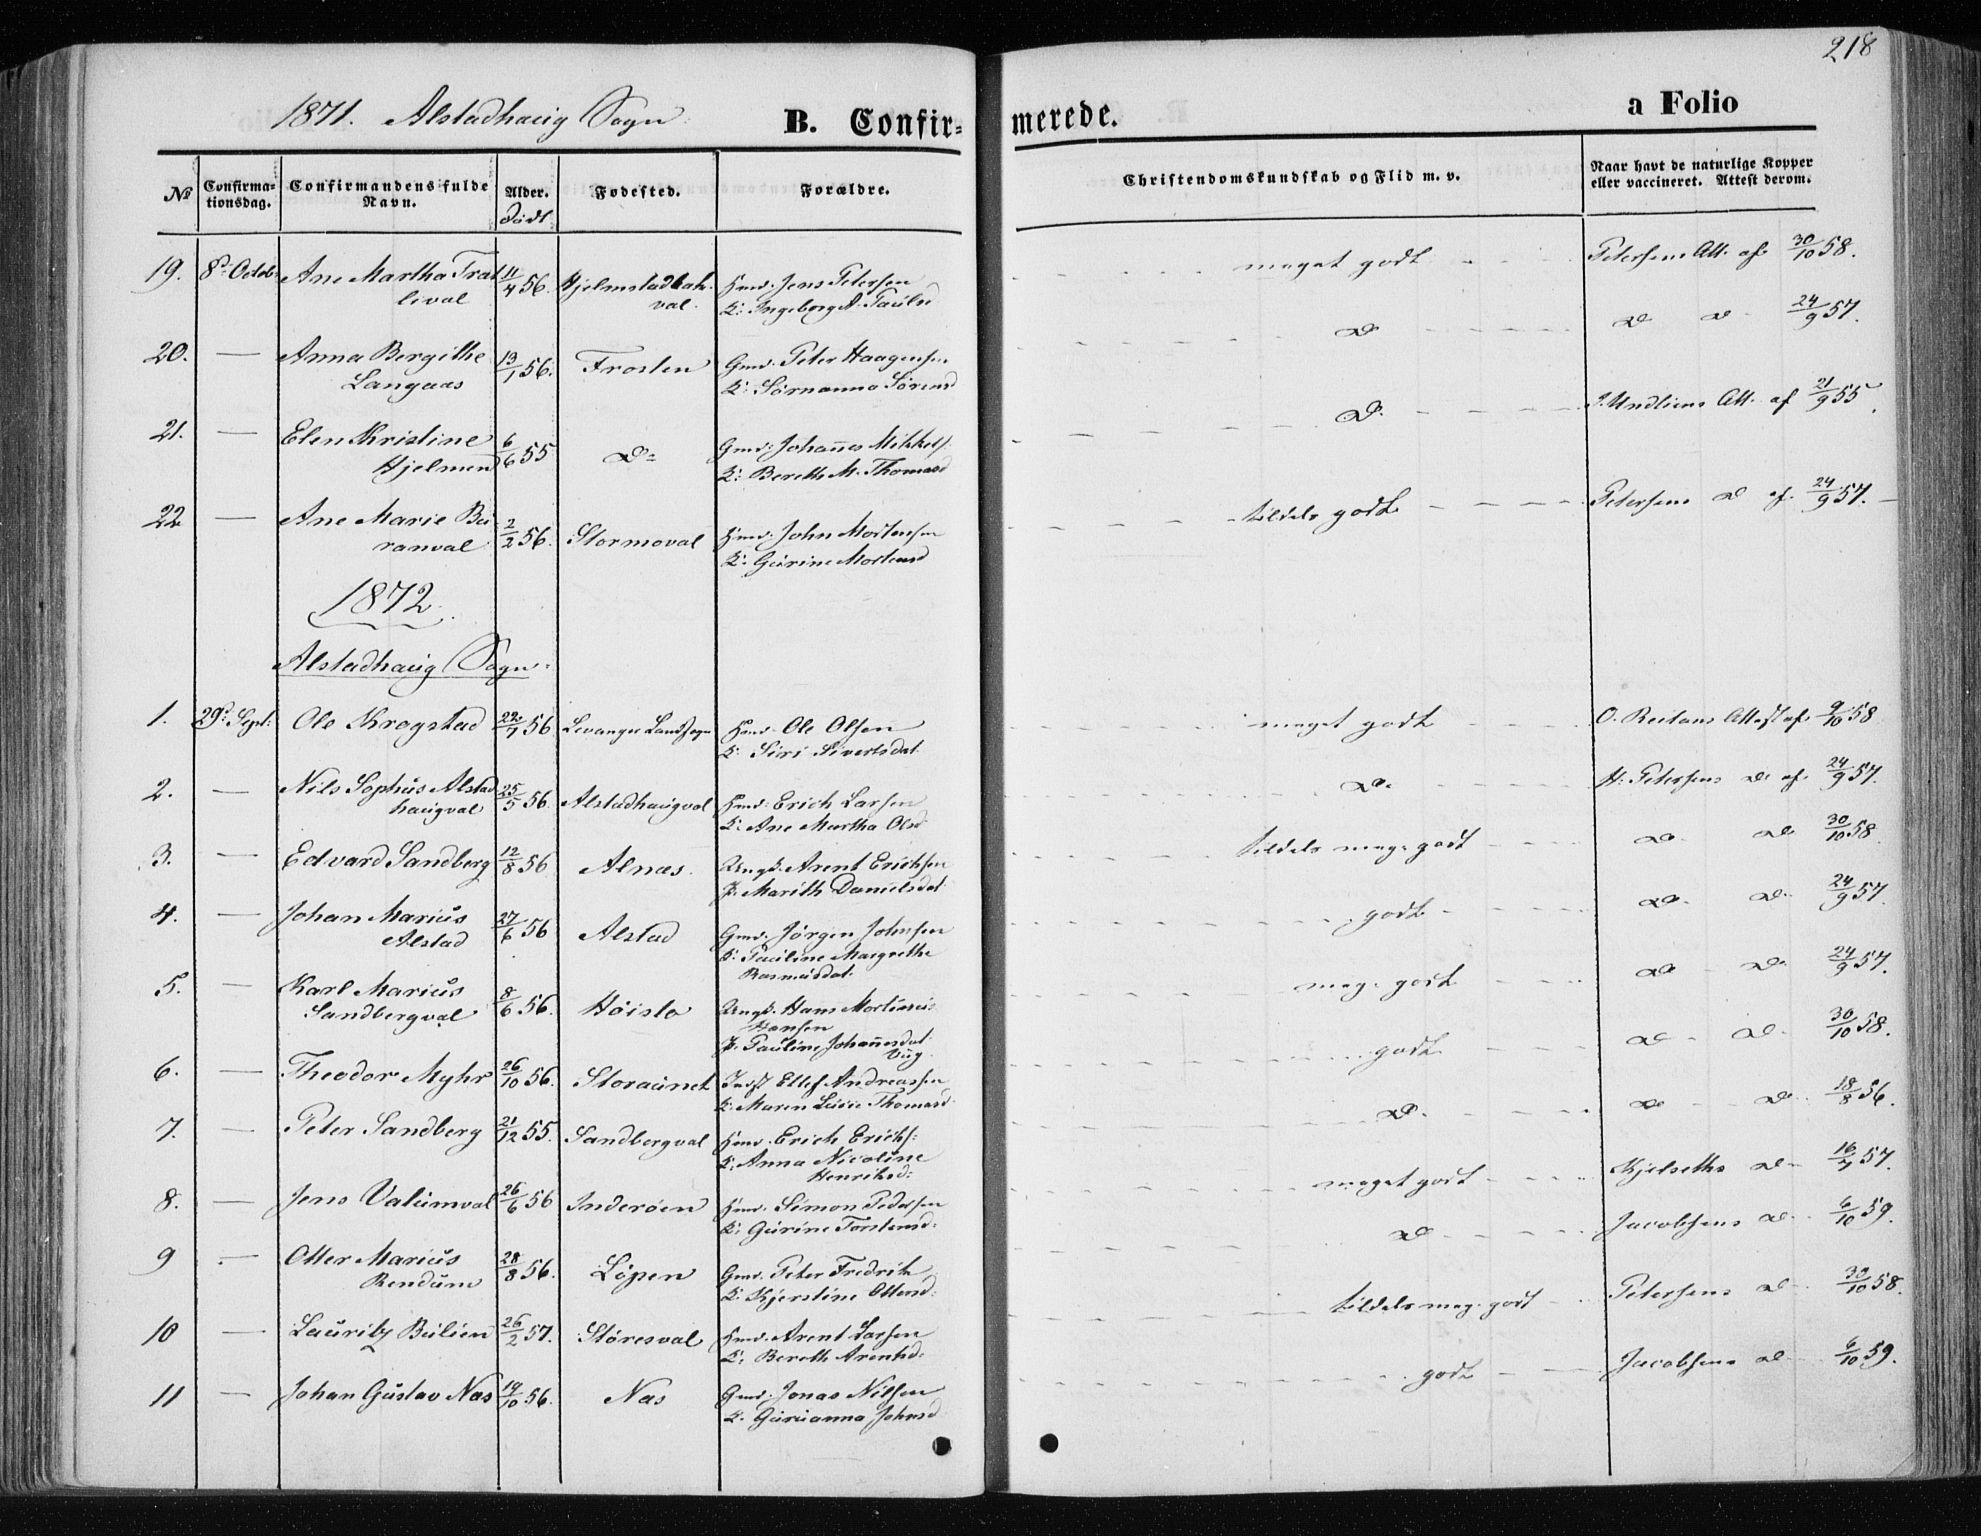 SAT, Ministerialprotokoller, klokkerbøker og fødselsregistre - Nord-Trøndelag, 717/L0157: Ministerialbok nr. 717A08 /1, 1863-1877, s. 218